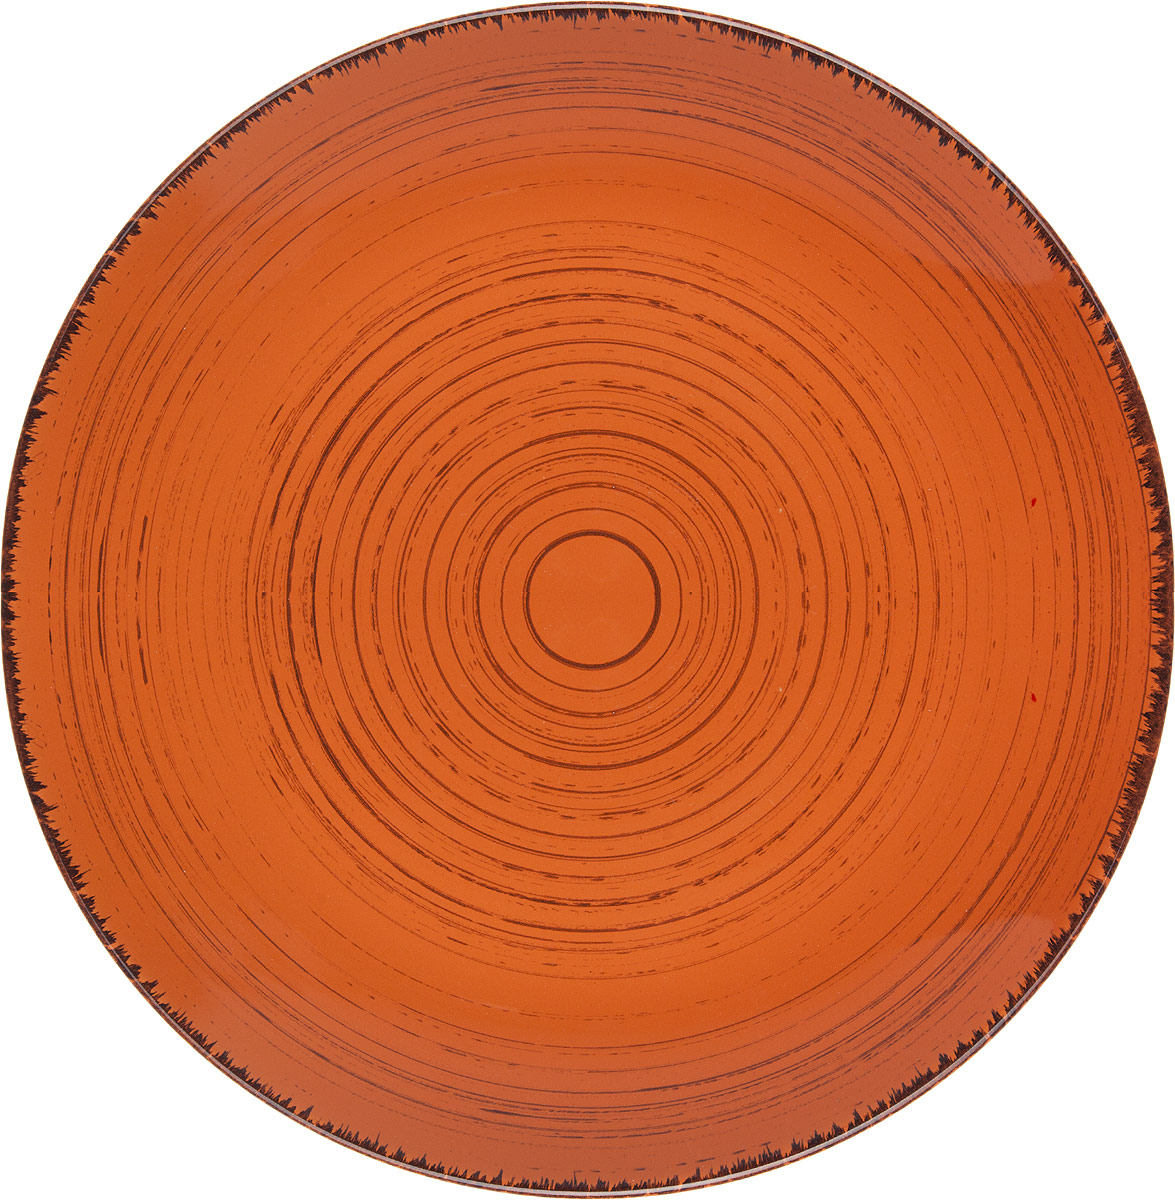 Тарелка Gotoff , цвет: оранжевый, диаметр 26,5 см тарелка глубокая gotoff цвет фисташковый диаметр 18 5 см